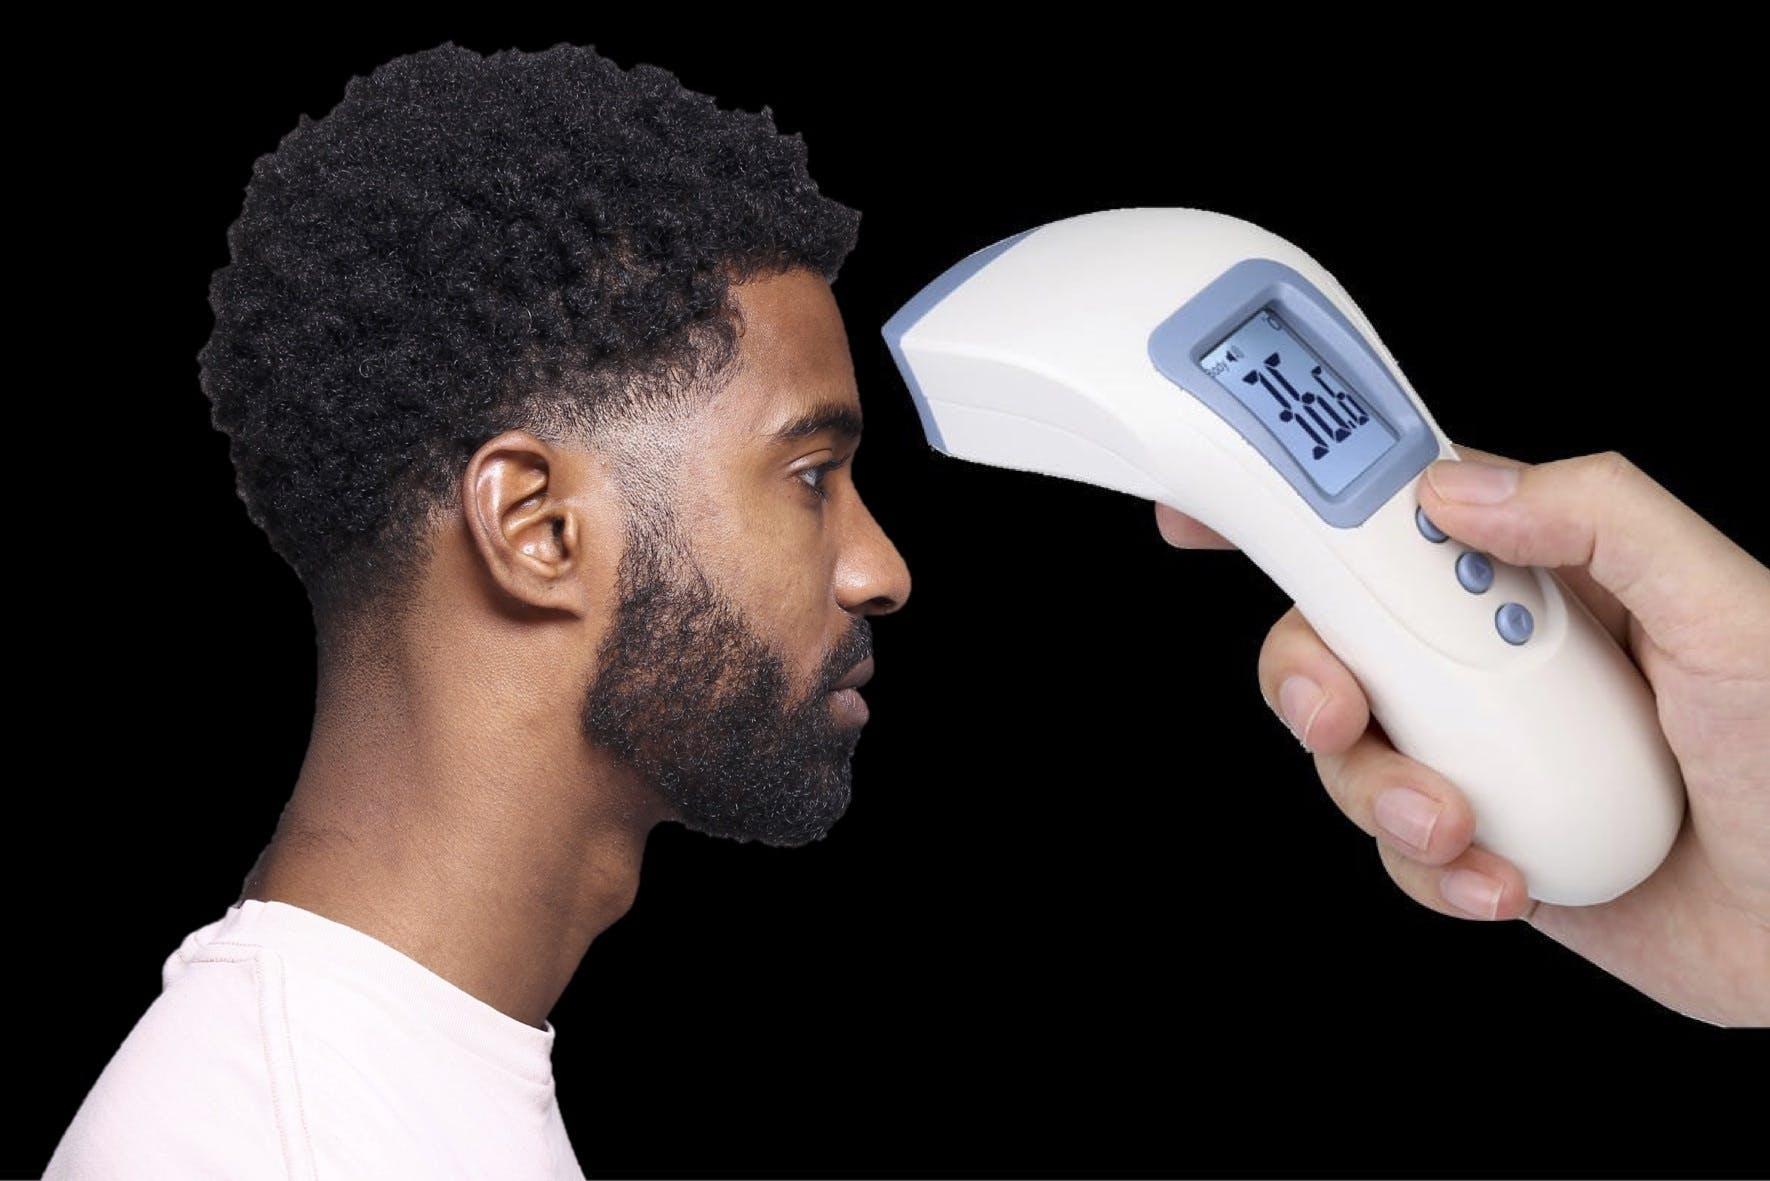 非 接触 型 体温計